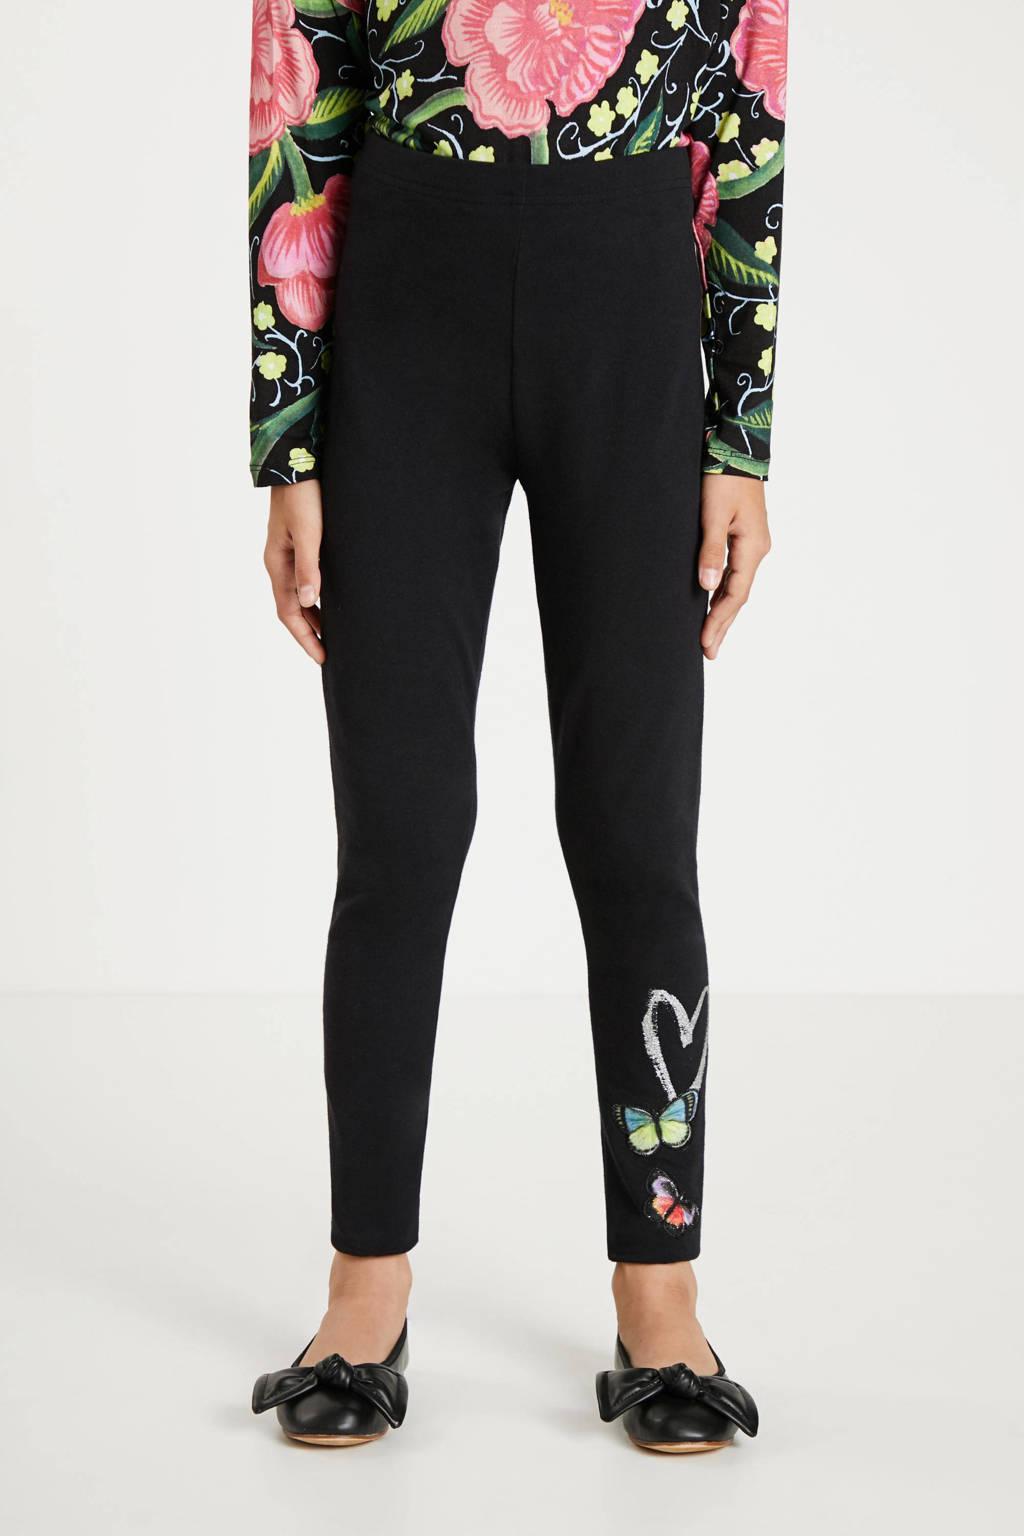 Desigual broek met printopdruk zwart, Zwart